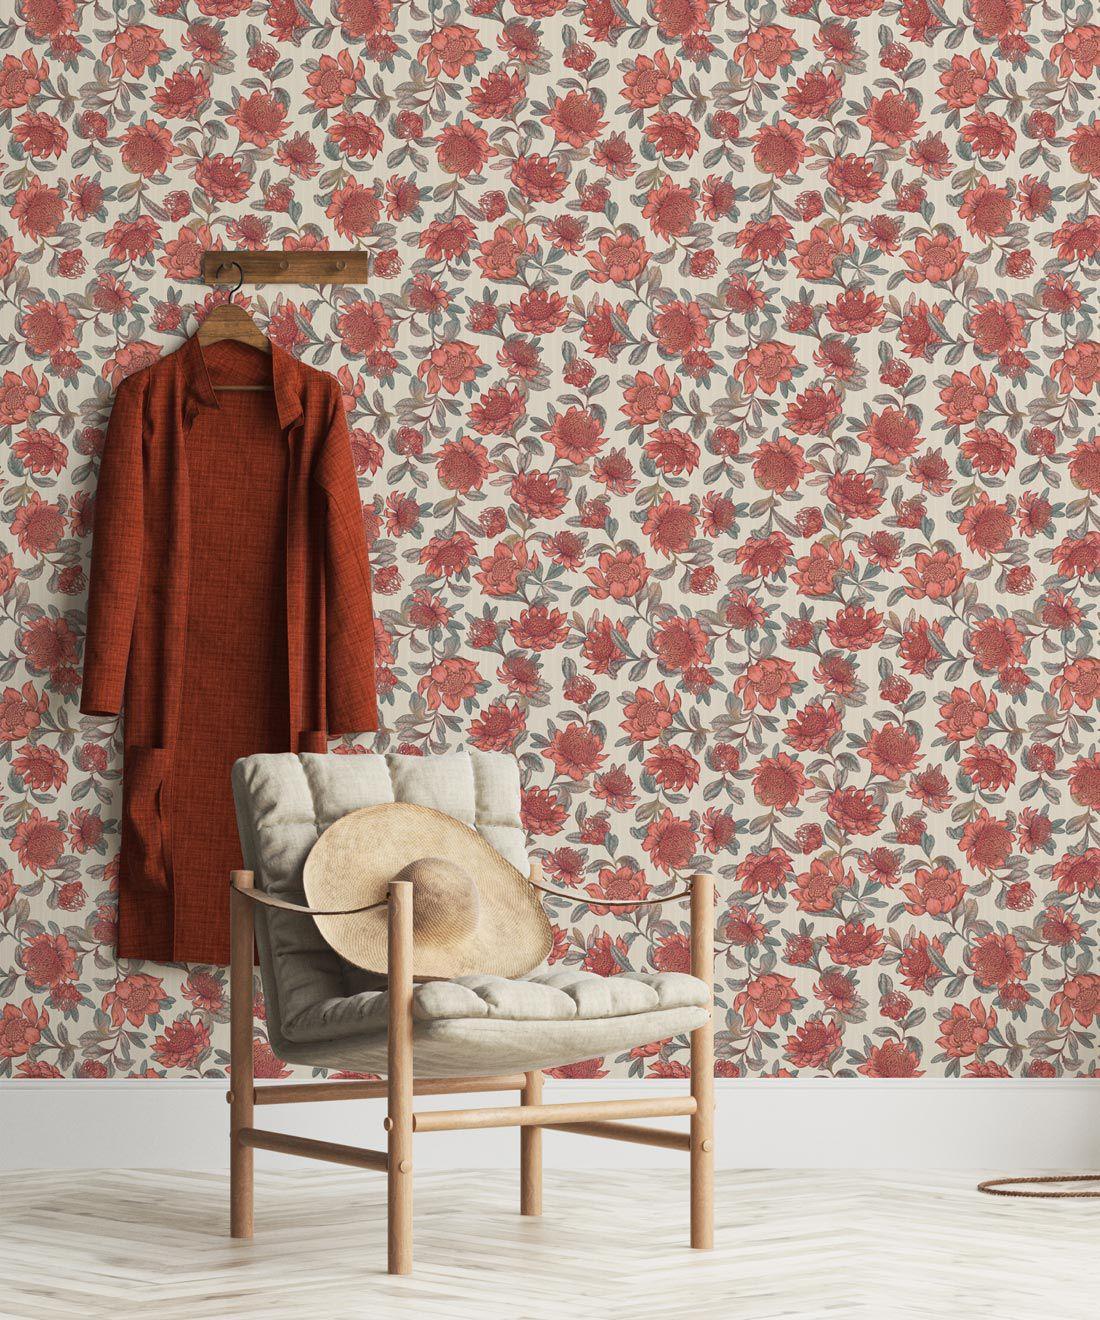 Waratah Wallpaper • Eloise Short • Vintage Floral Wallpaper •Granny Chic Wallpaper • Grandmillennial Style Wallpaper •Parchment •Insitu